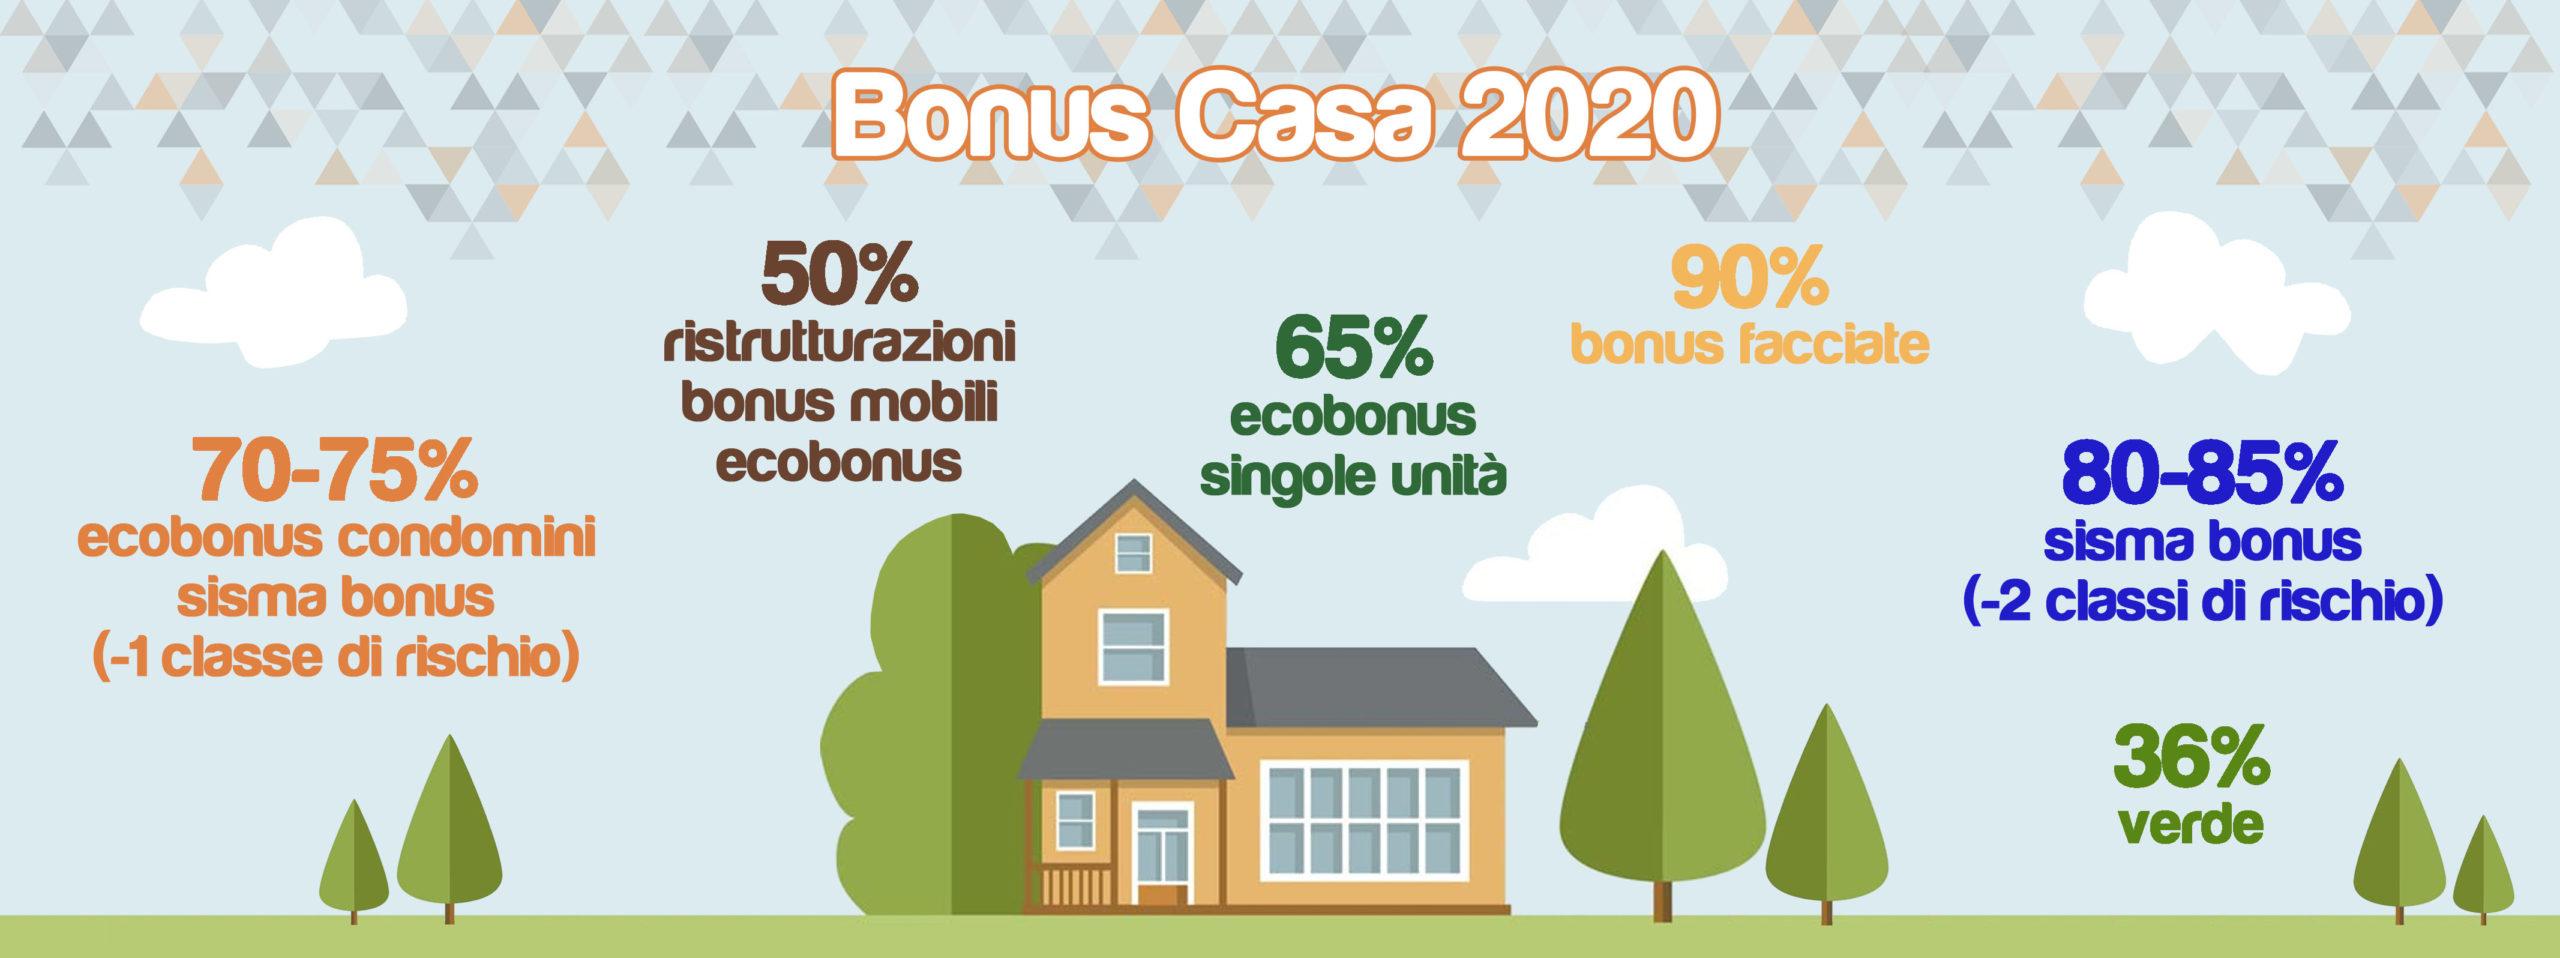 castel infissi mantova-bonus-casa-cessione del creditojpg